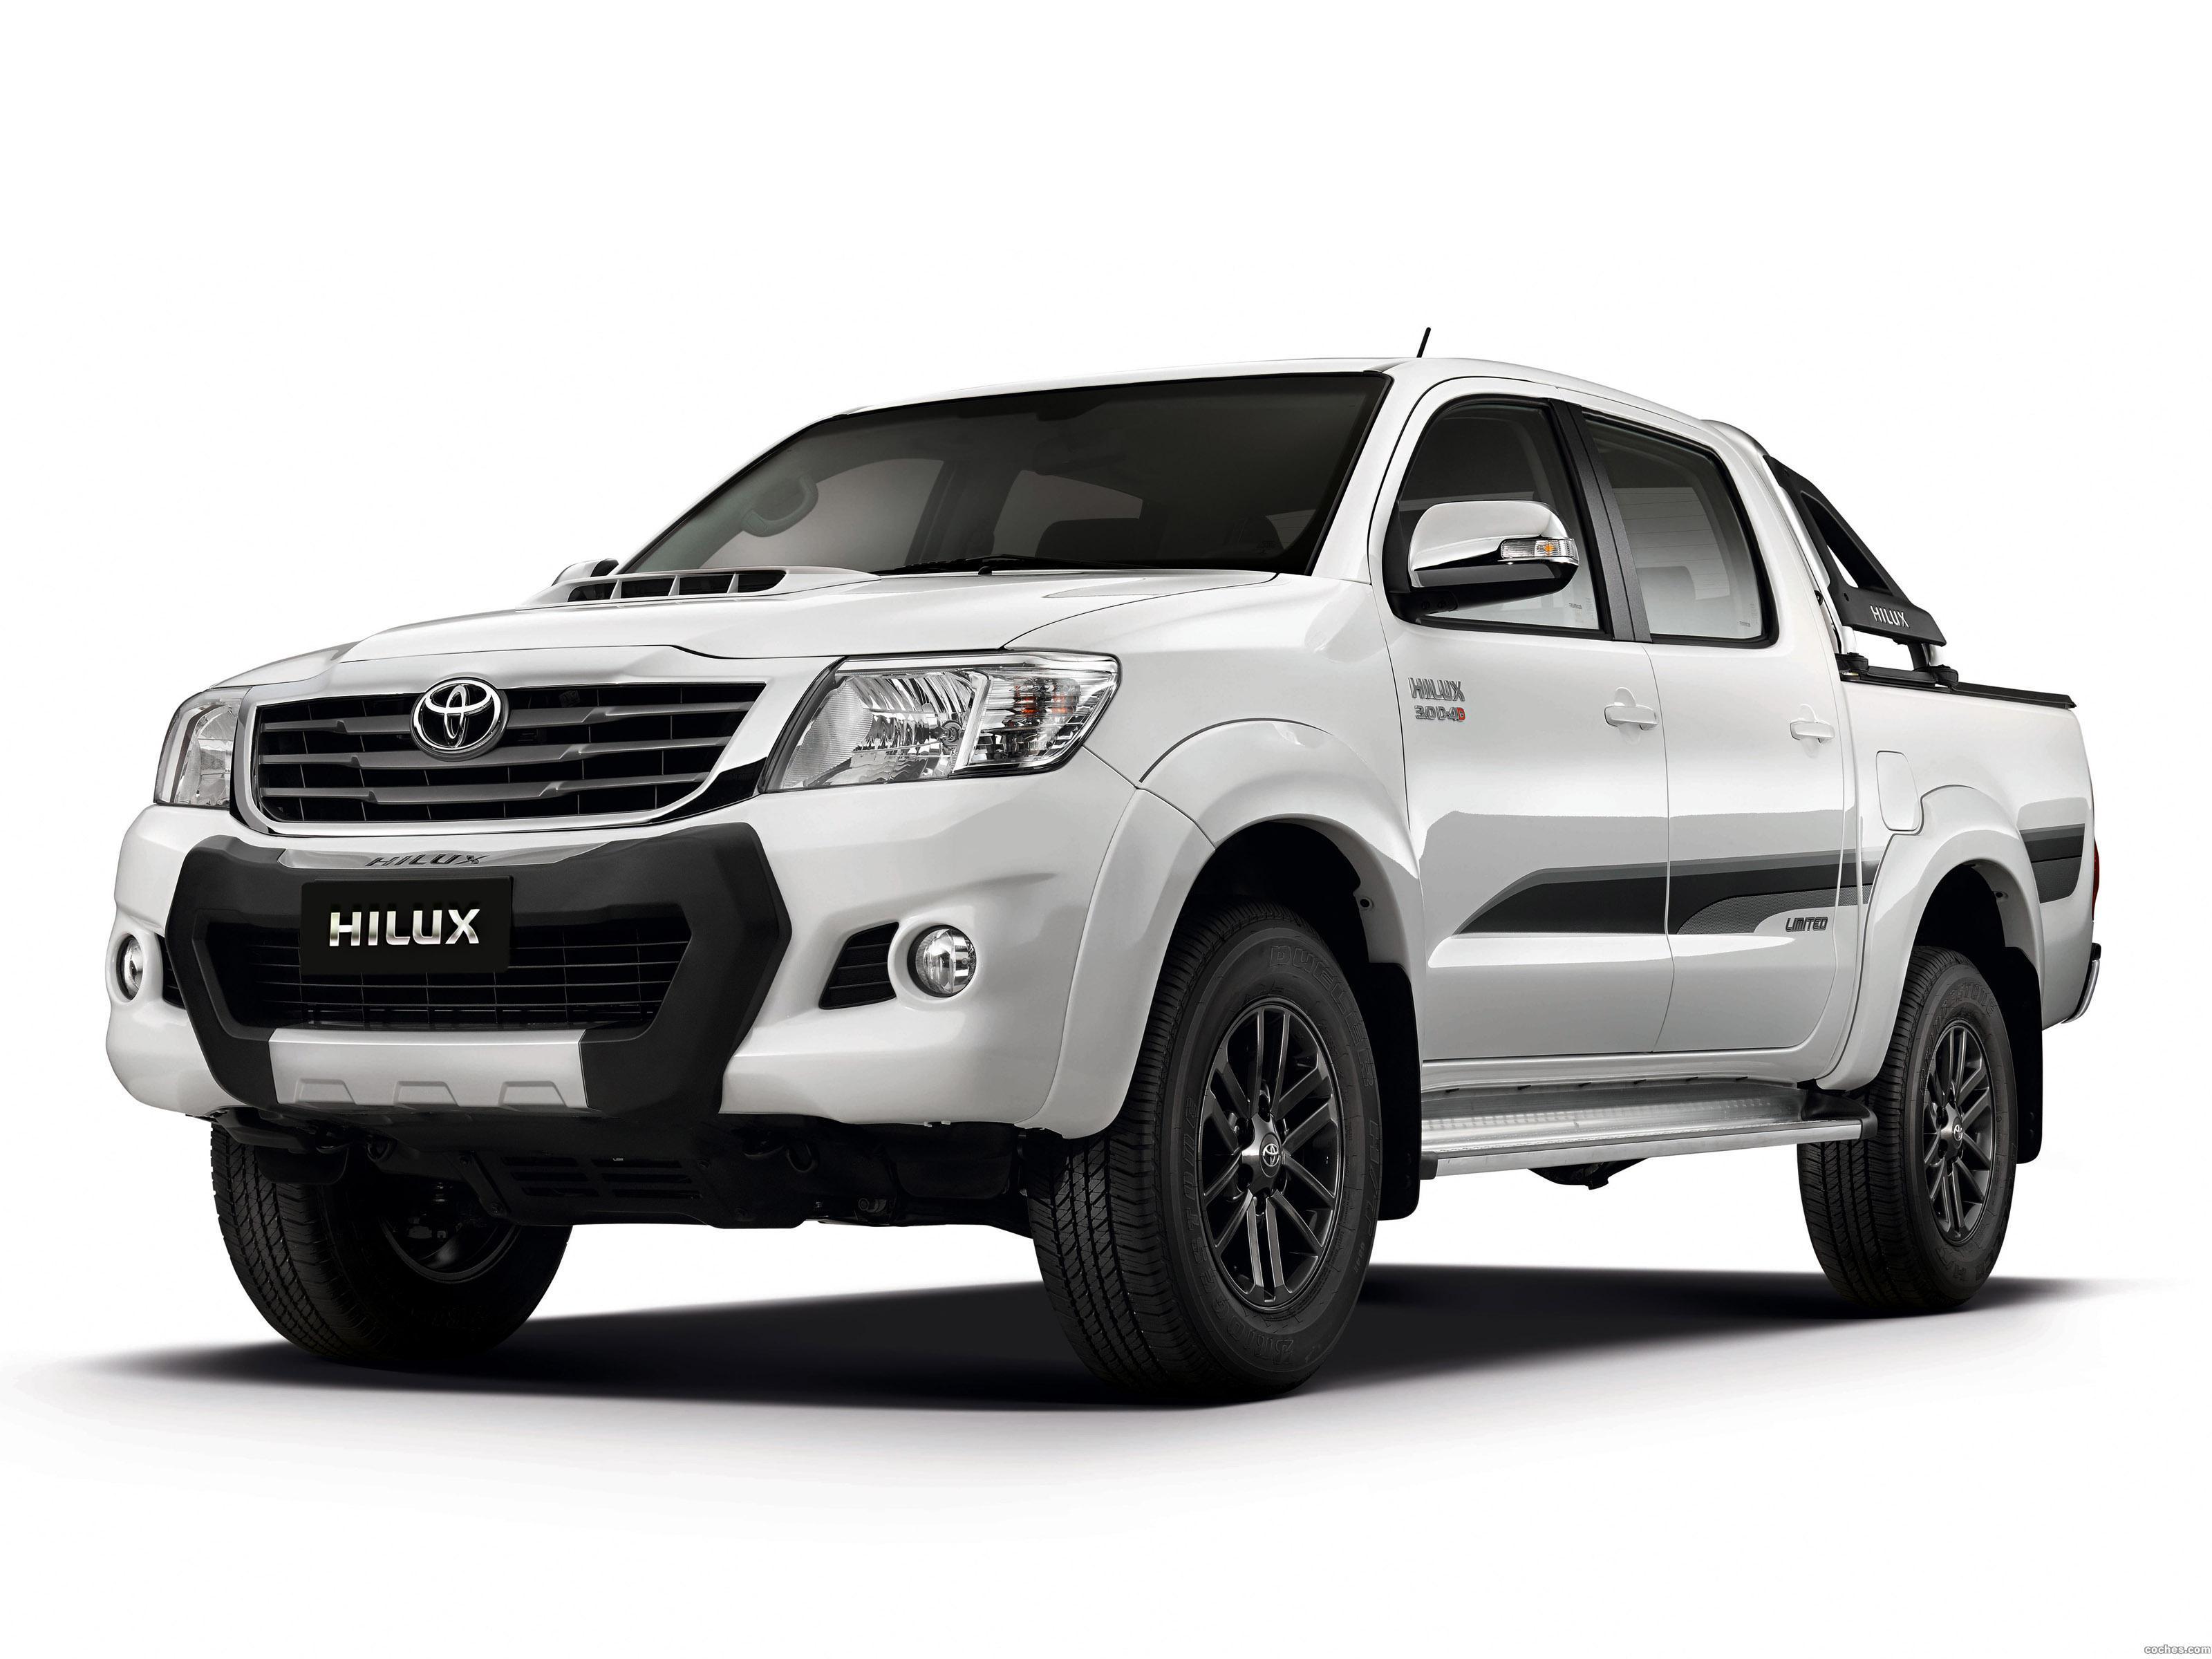 Fotos de Toyota Hilux SRV Cabine Dupla 4x4 Limited 2014